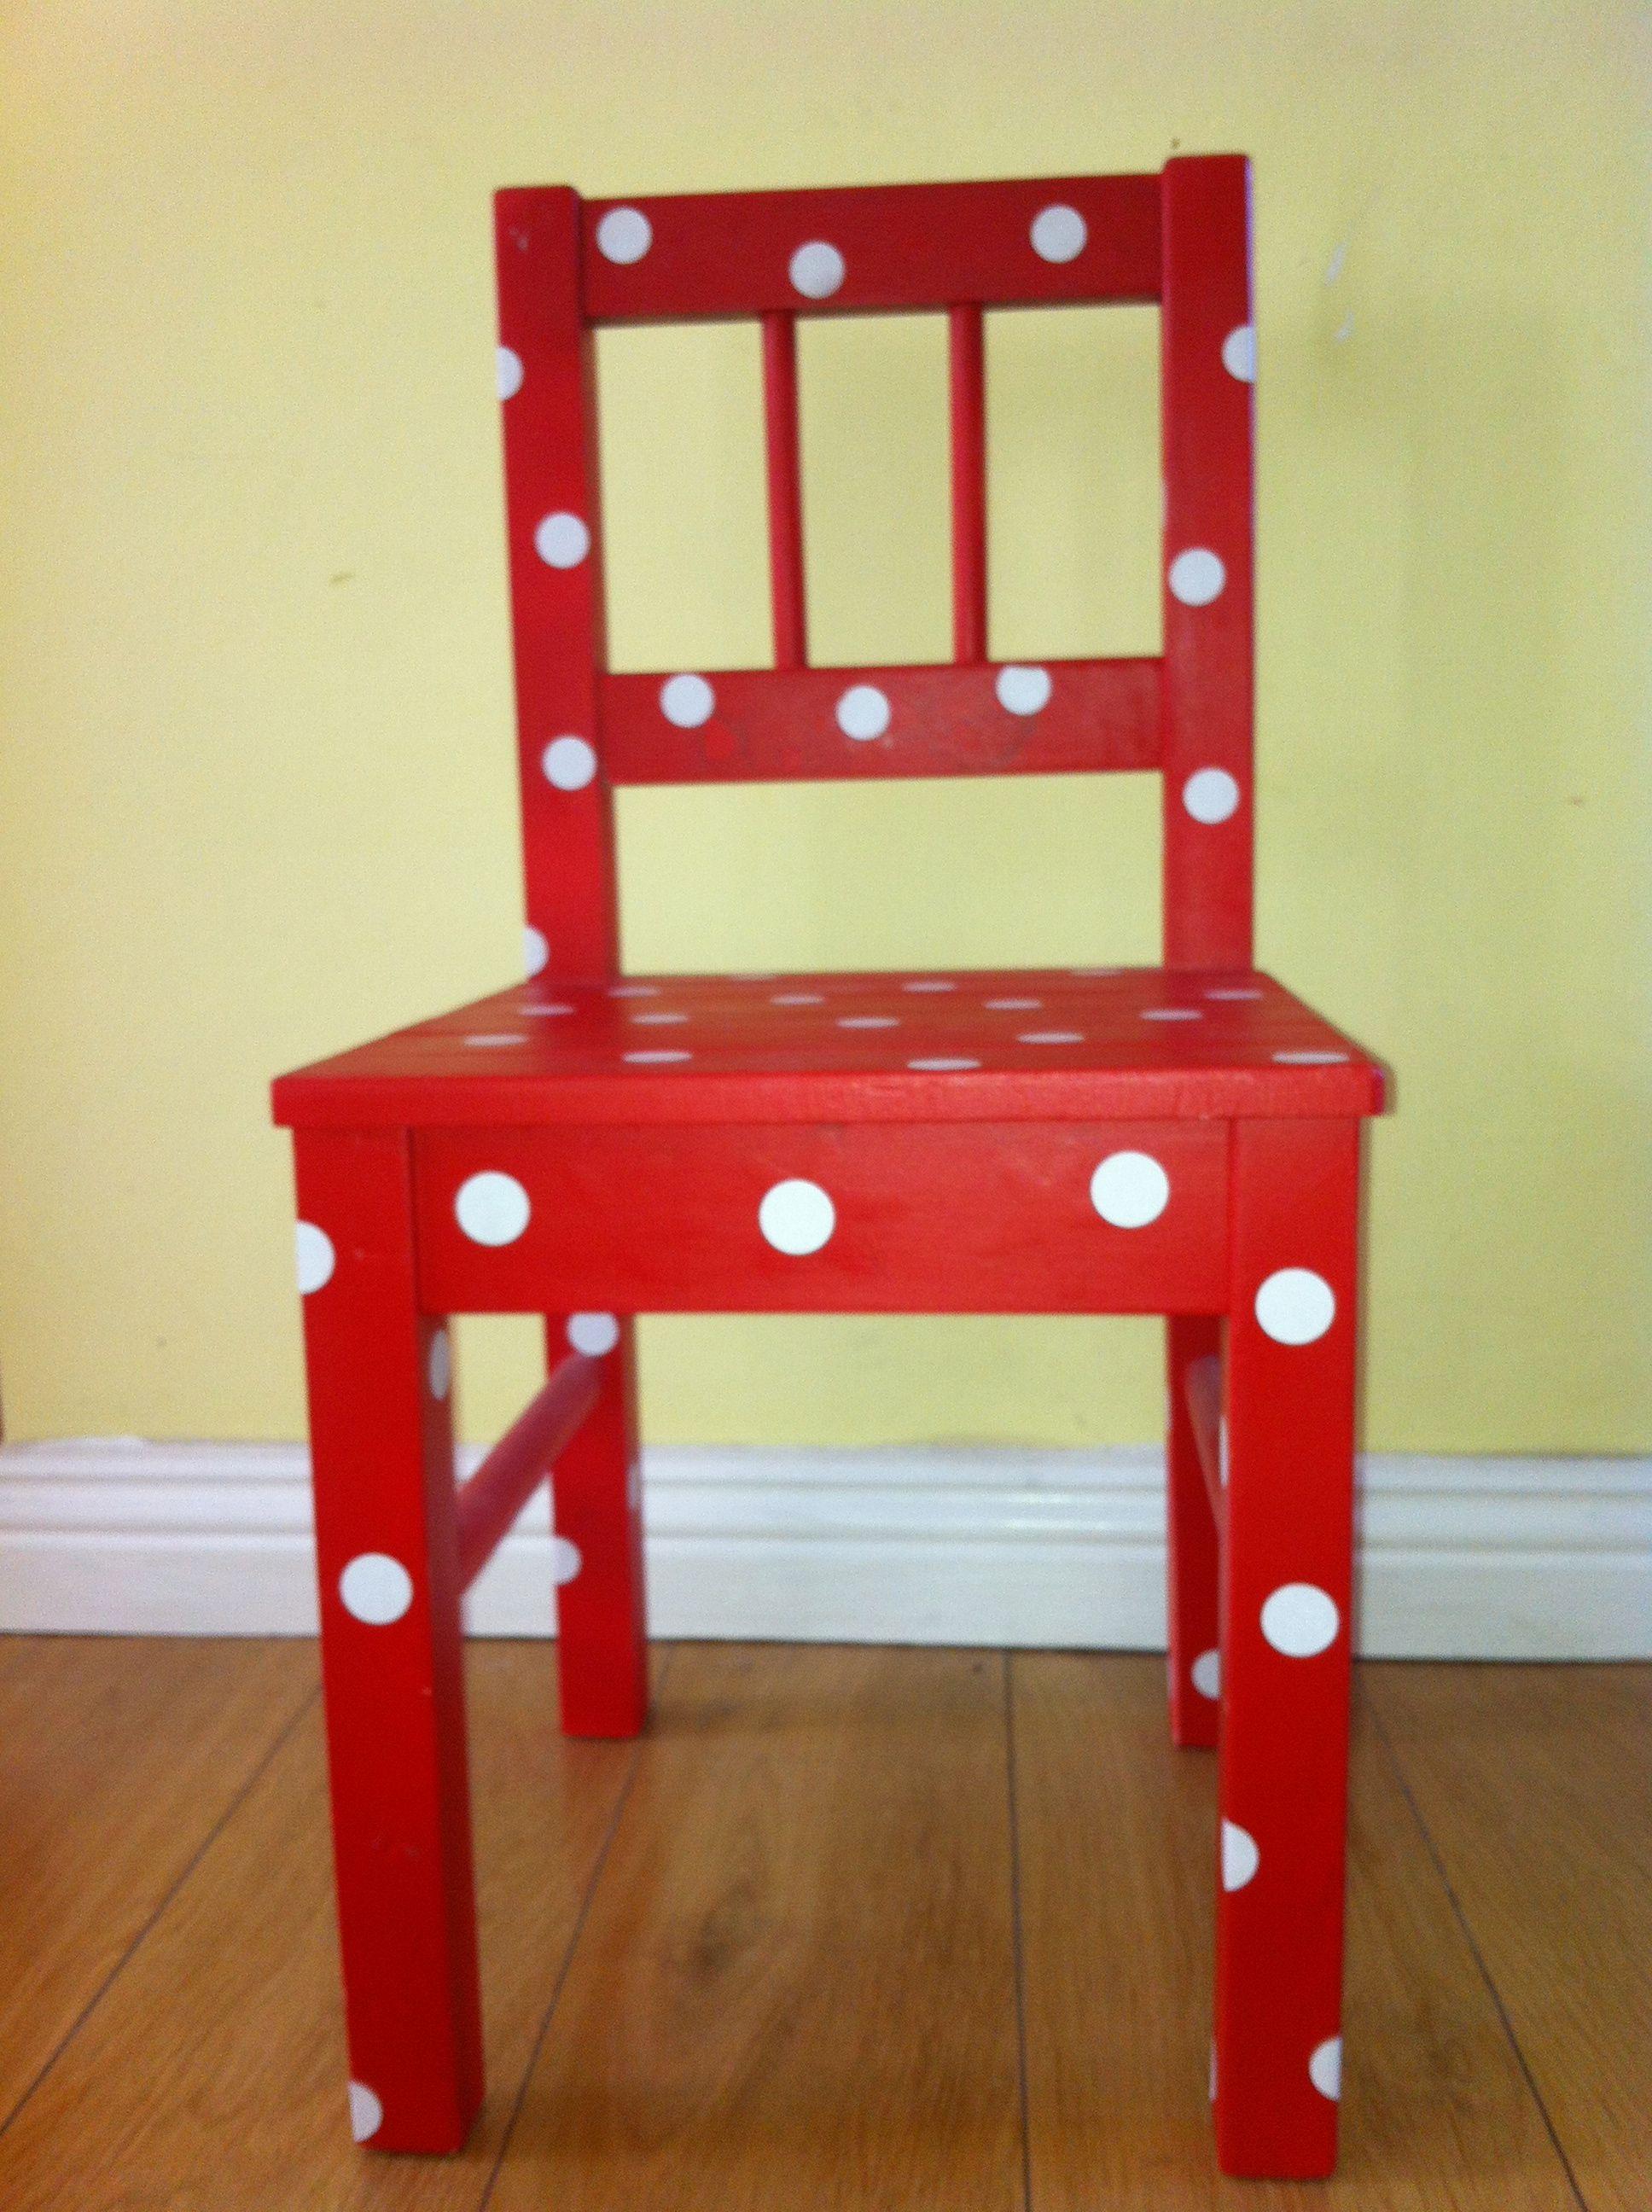 Der Alte Ikea Stuhl Hat Ein Upgrade Gebraucht Roter Lack Matt Und Weiße Große Punkte Gibts Als Aufkeber Im Schreibwarenhandel Decor Home Decor Step Stool